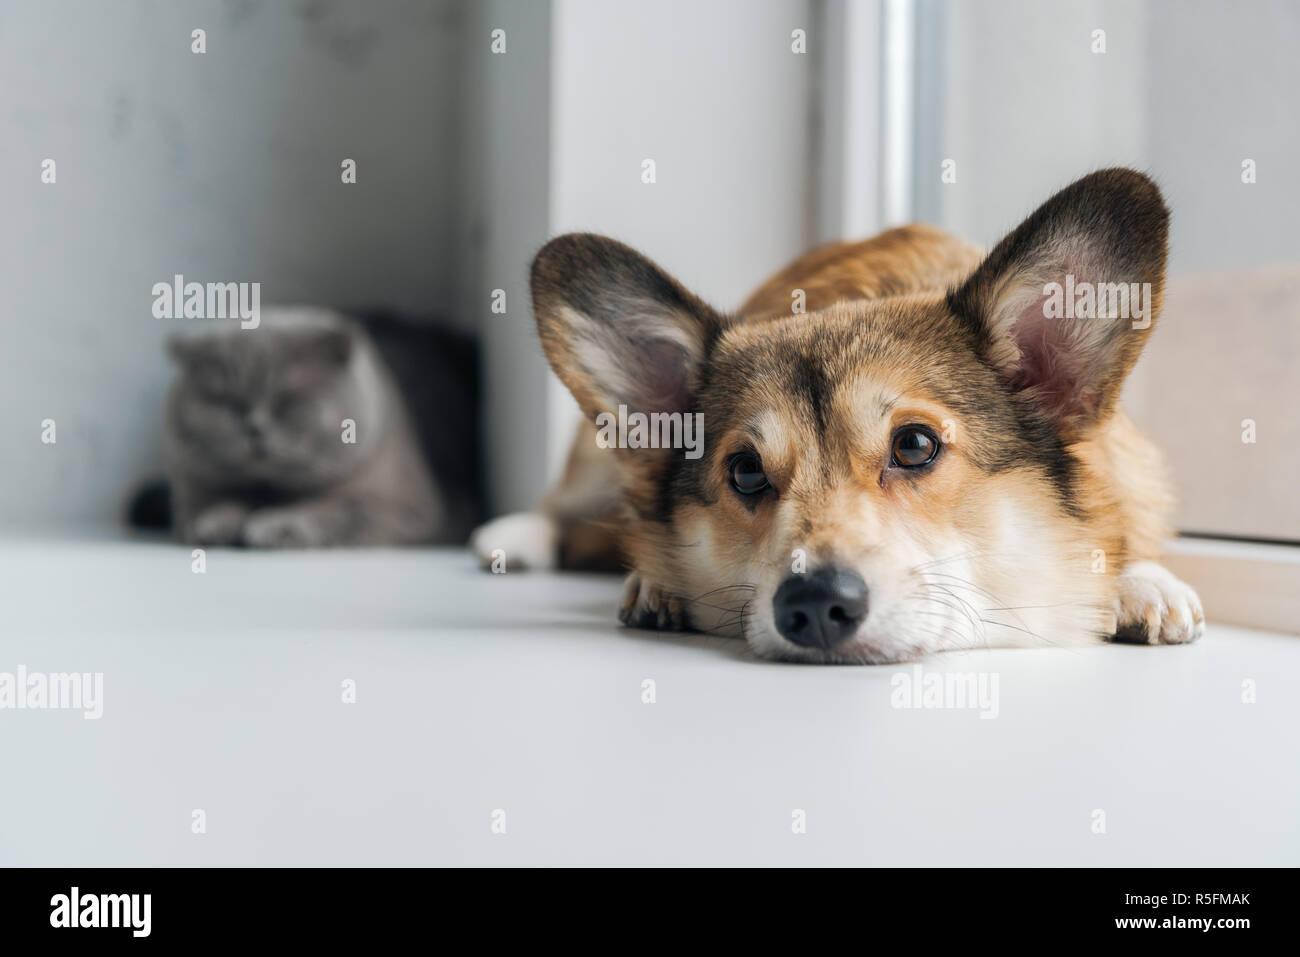 adorable scottish fold cat and corgi dog lying on windowsill together Stock Photo